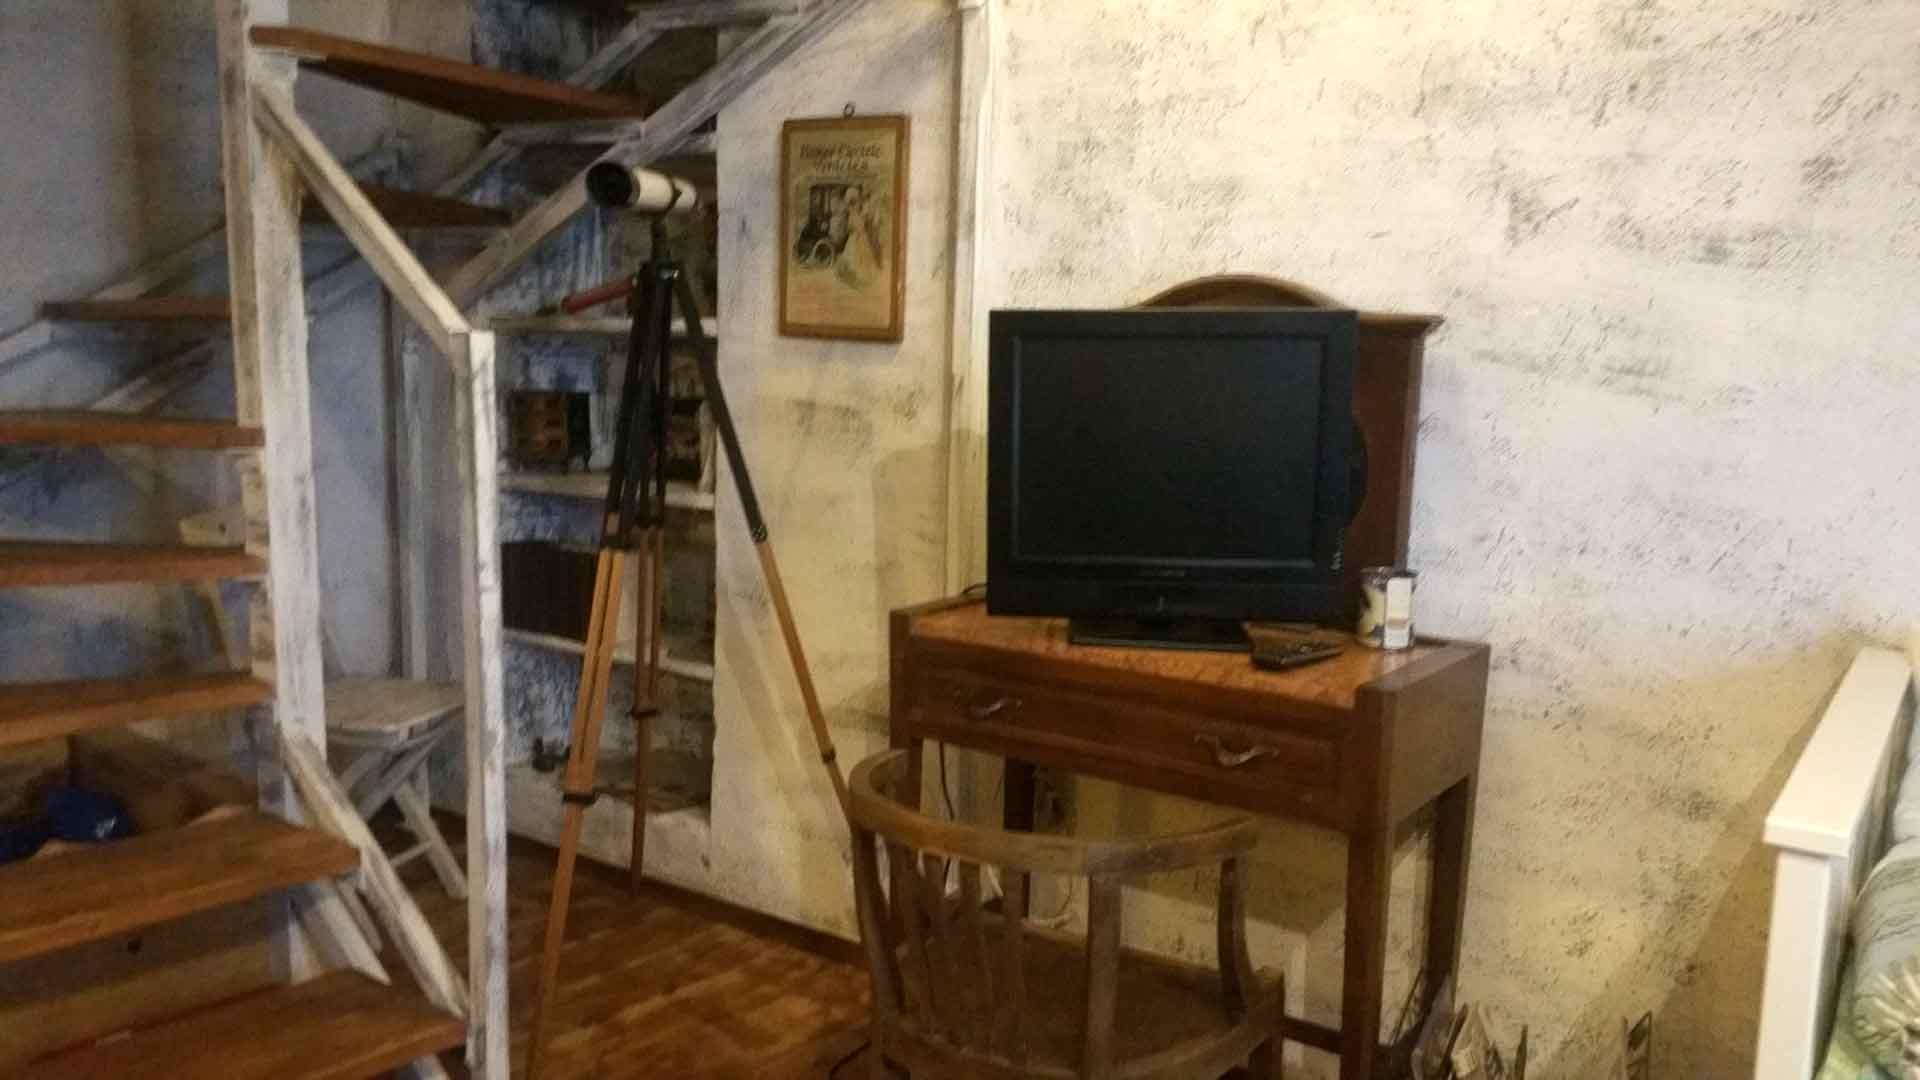 Soggiorno 900 poltroncina consolle televisore B&B & Meditation Center Zorba il Buddha Passerano Marmorito Asti